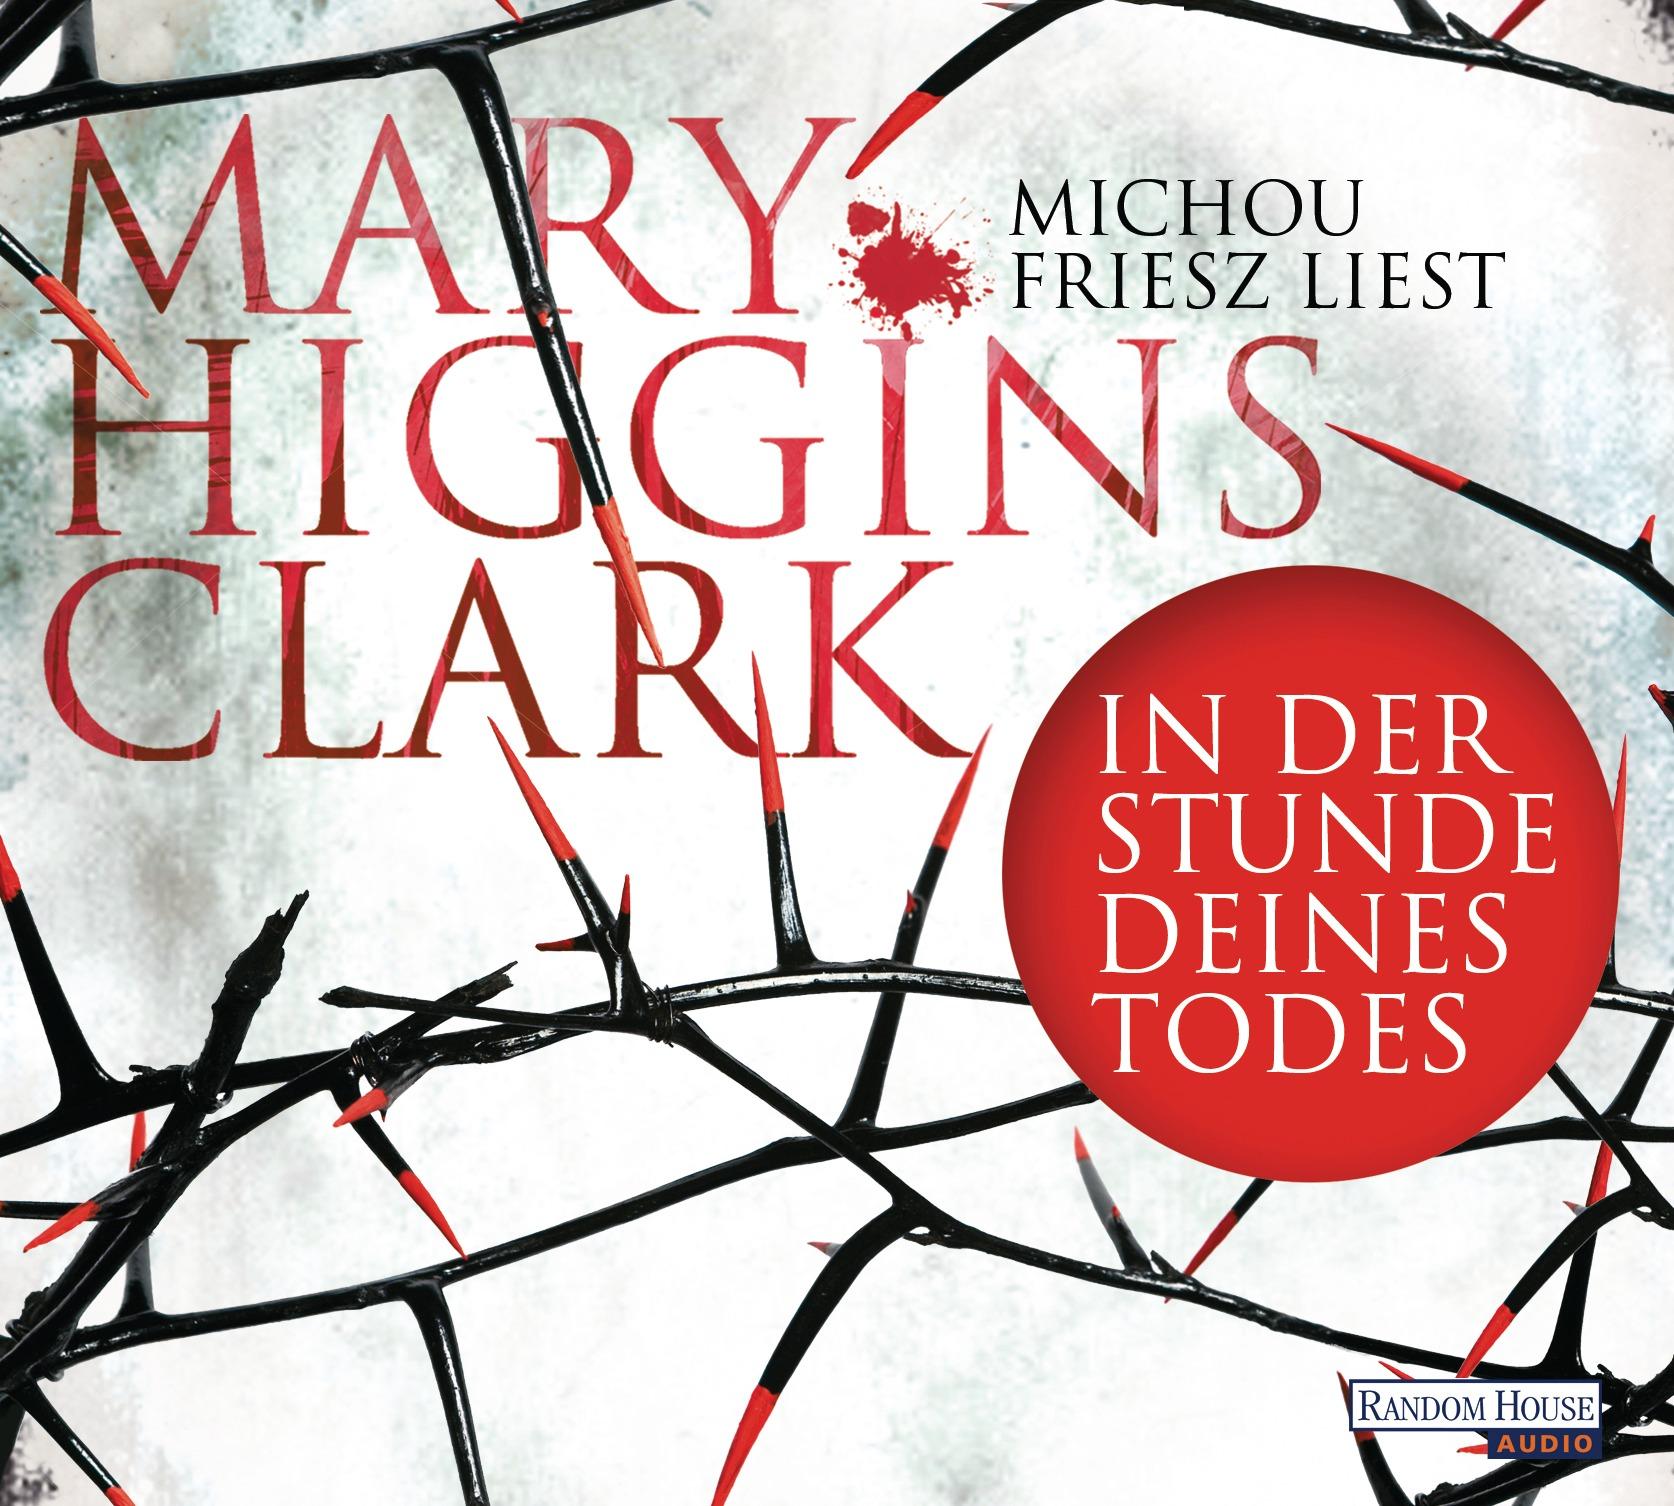 In der Stunde deines Todes - Mary Higgins Clark [6 Audio CDs]